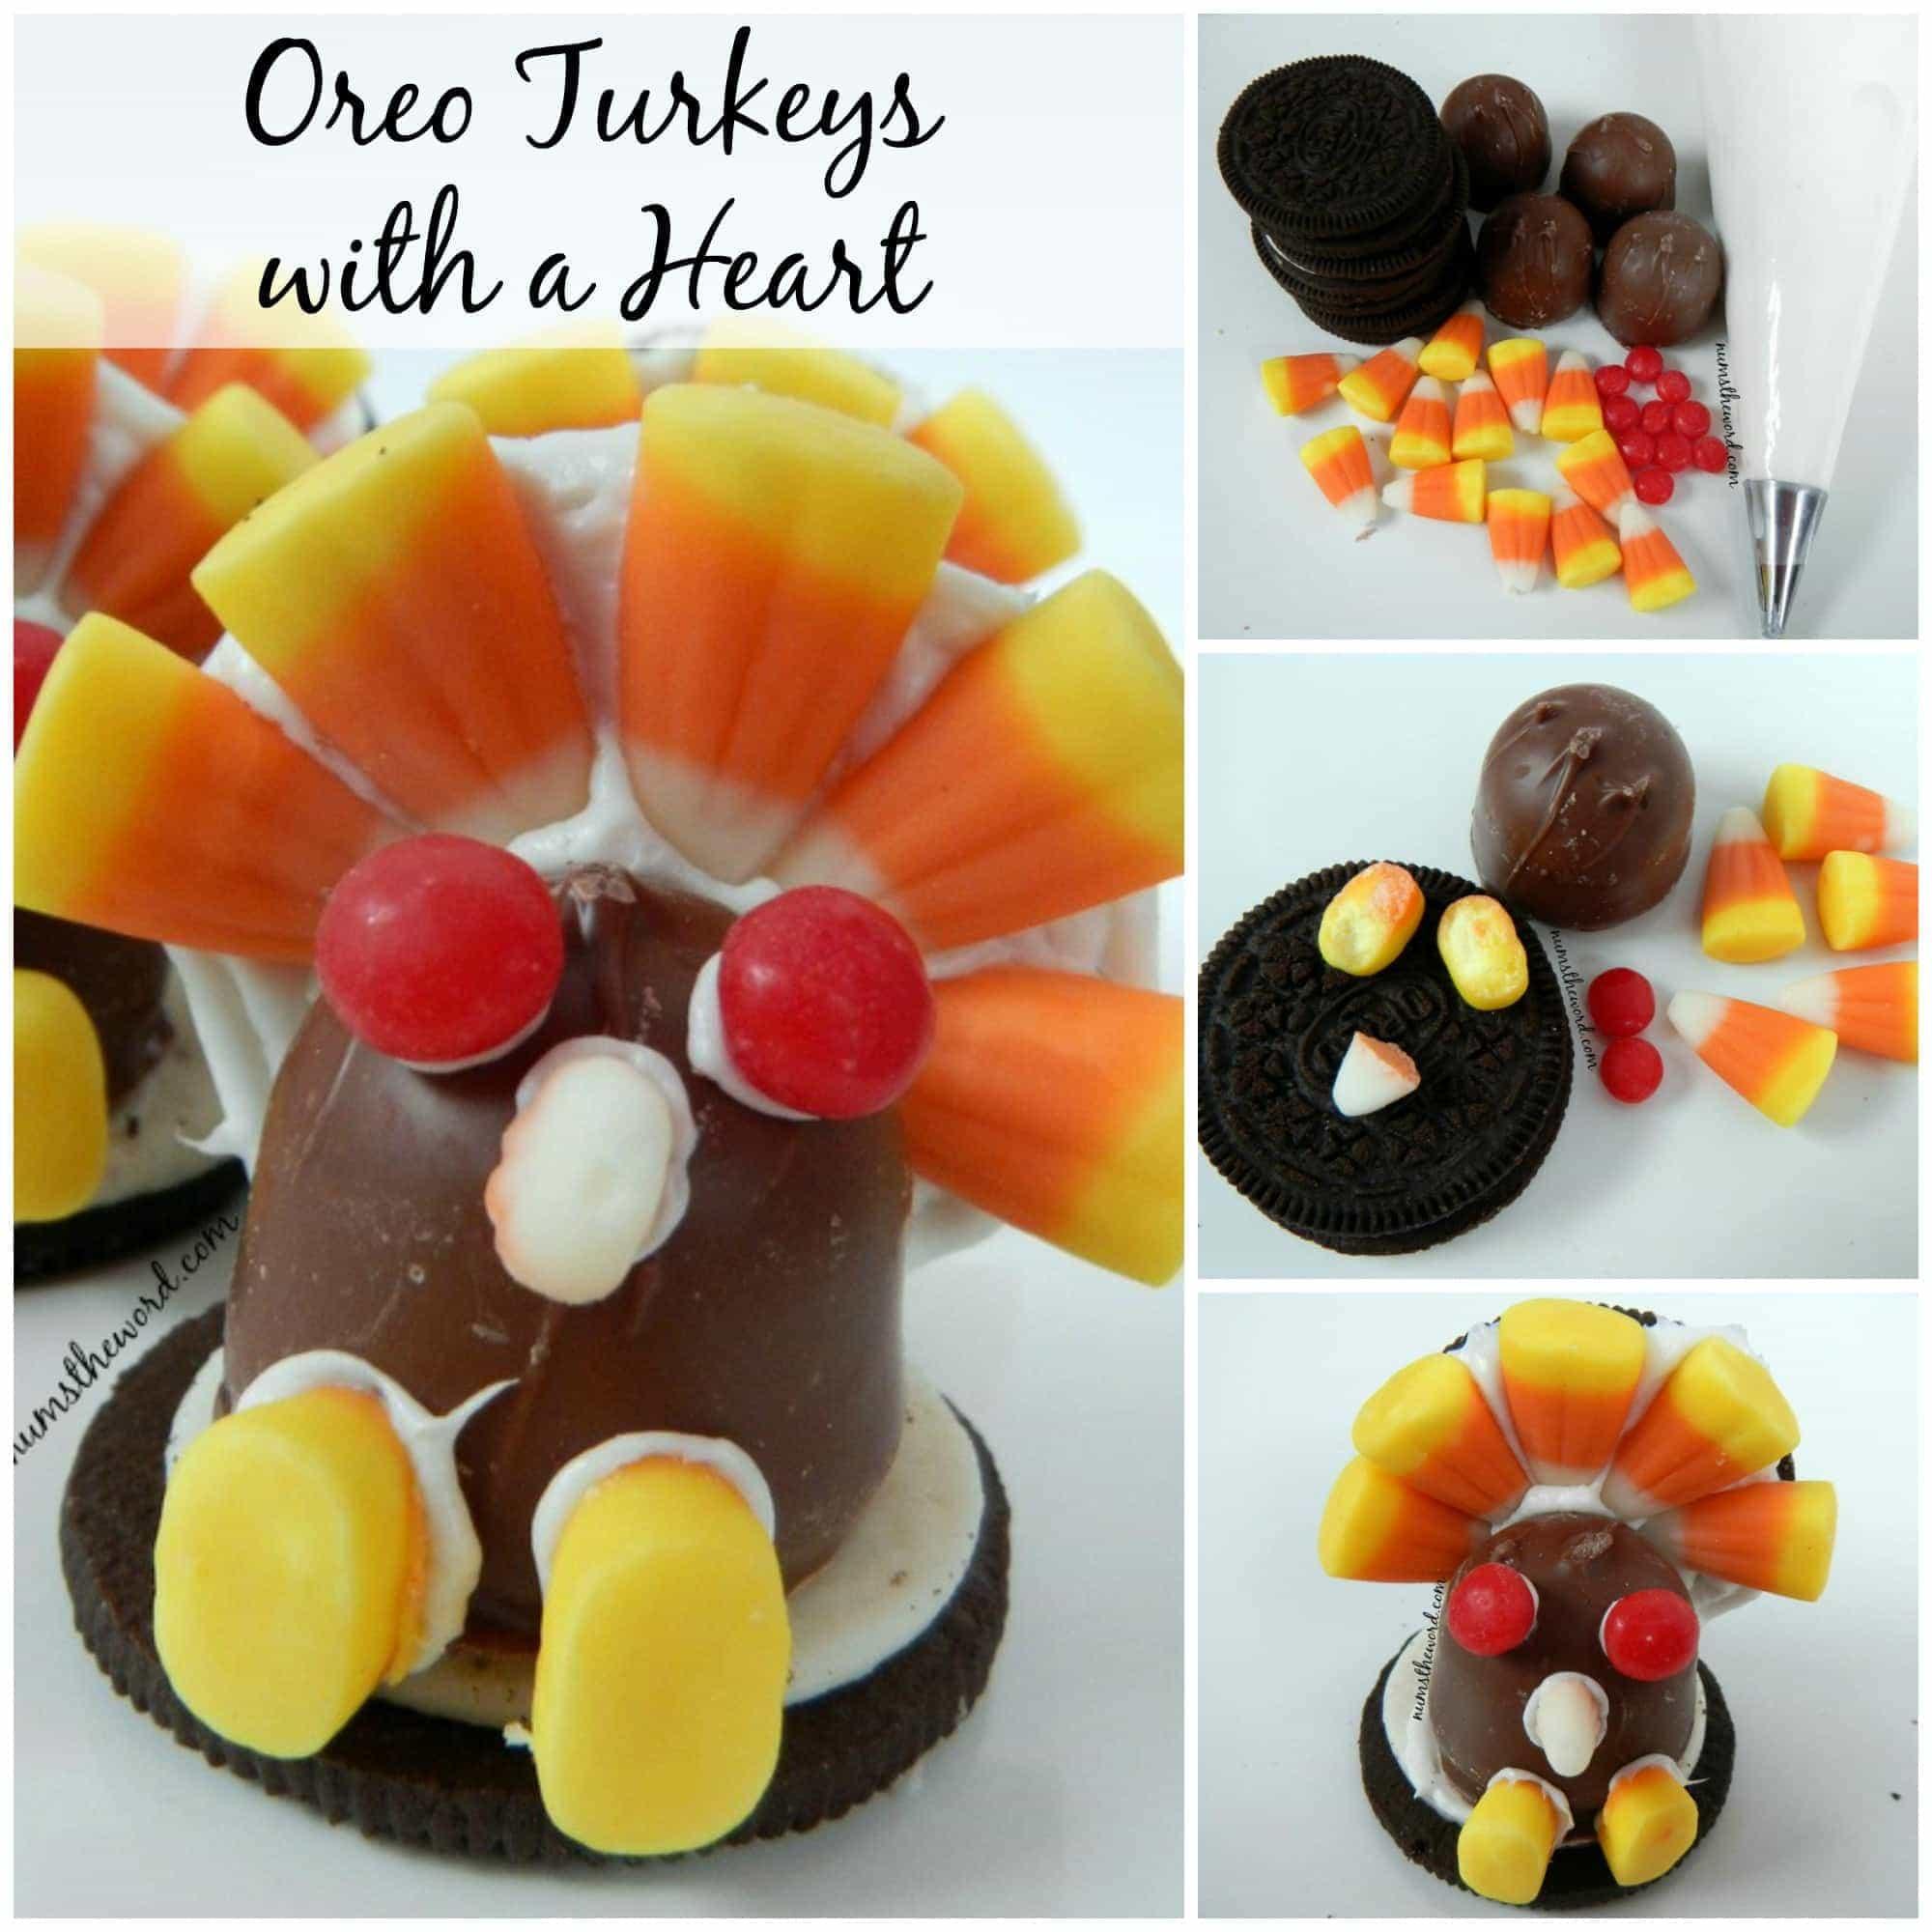 Oreo Turkeys with a Heart